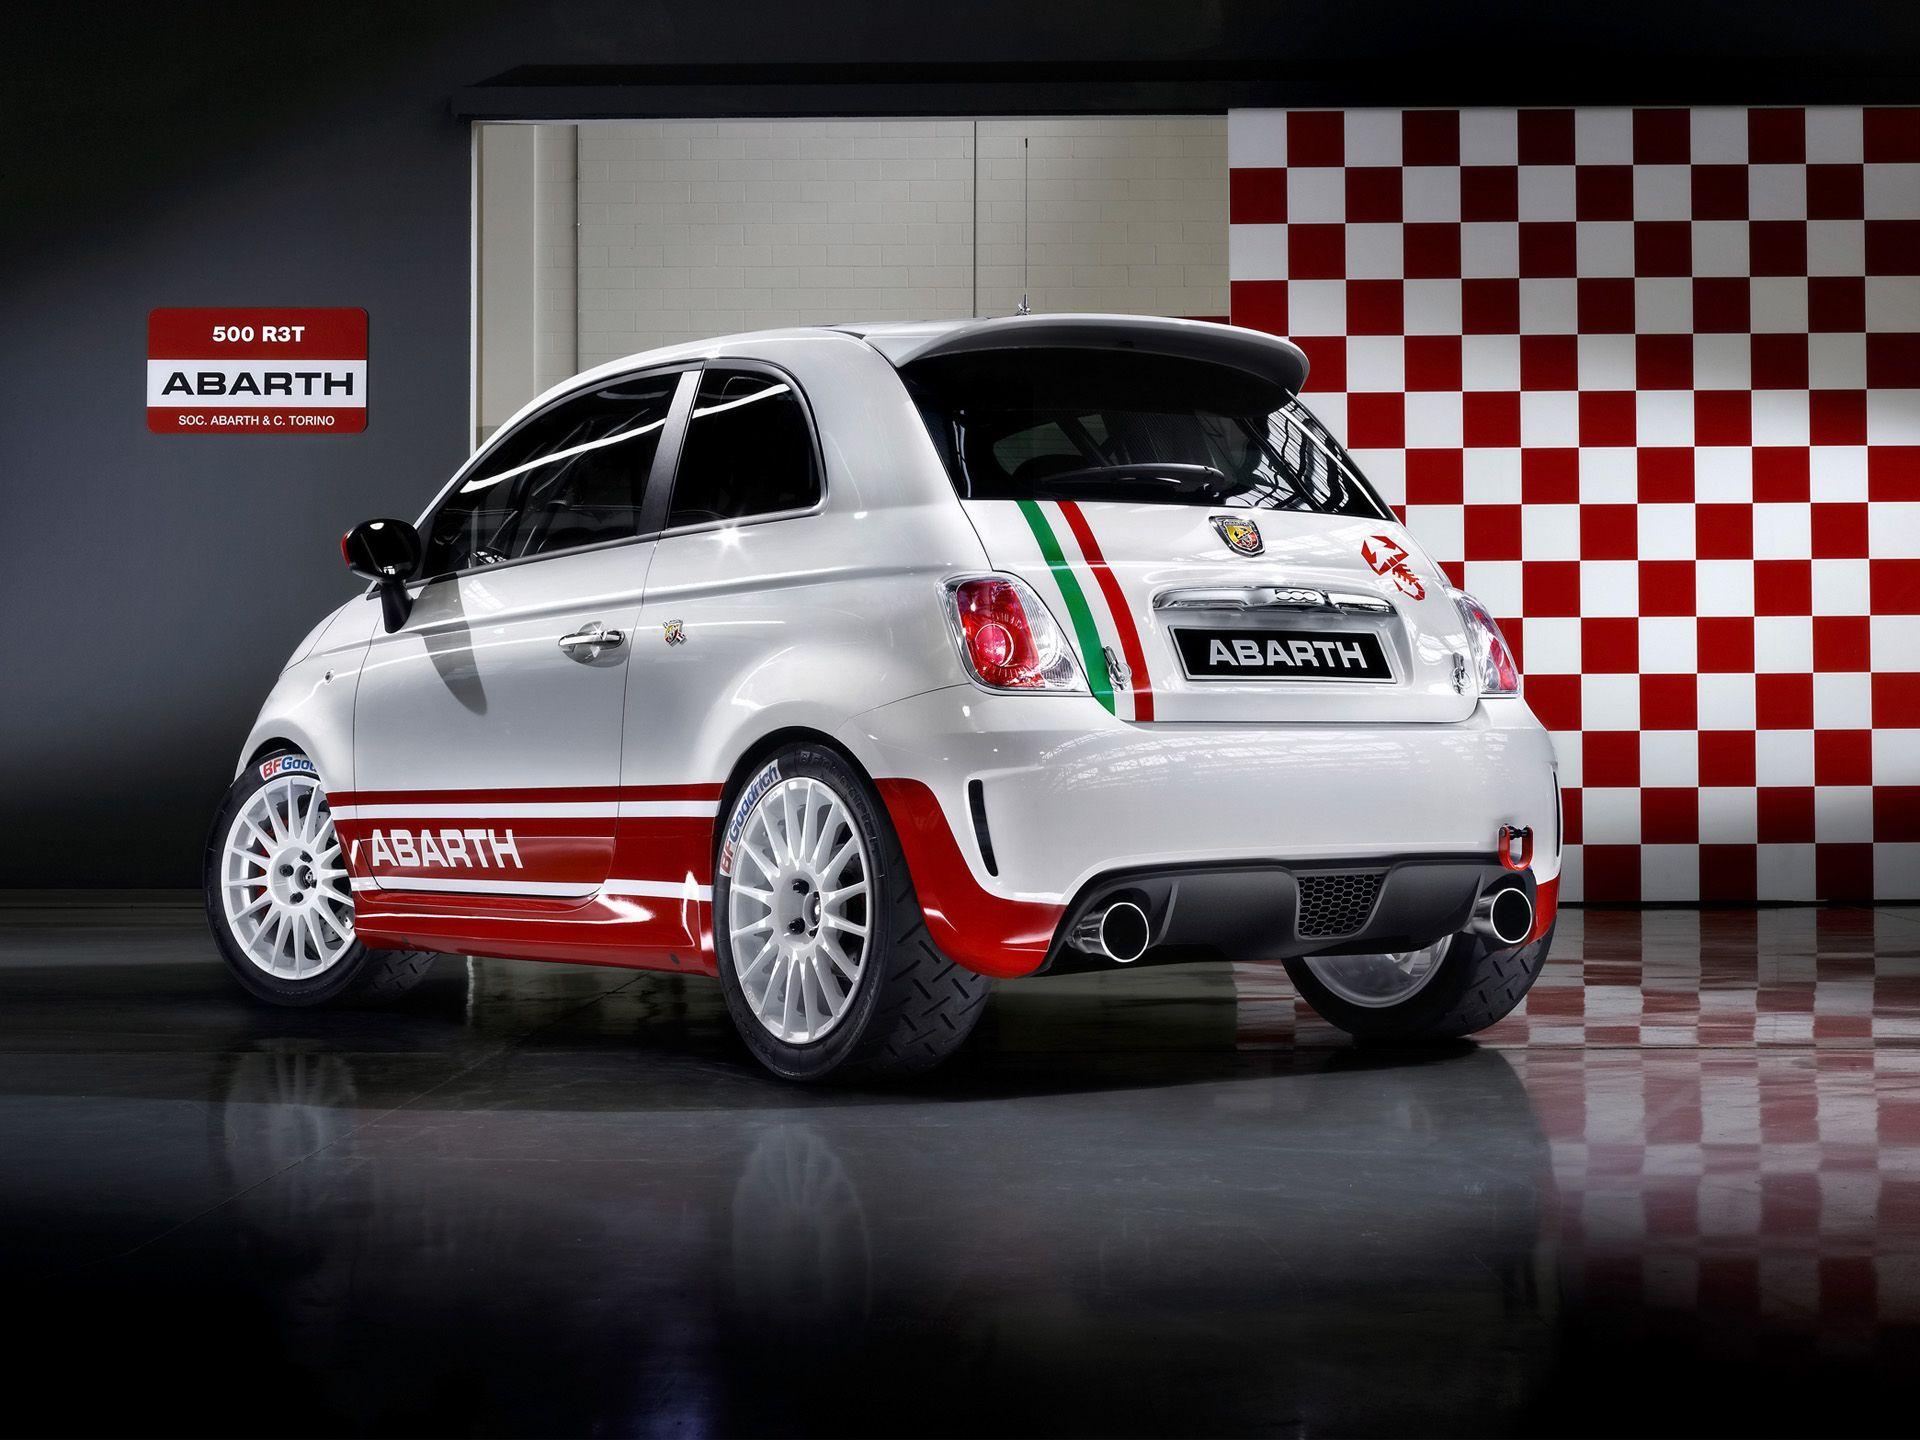 500 R3t Fiat Abarth Fiat 500 Fiat